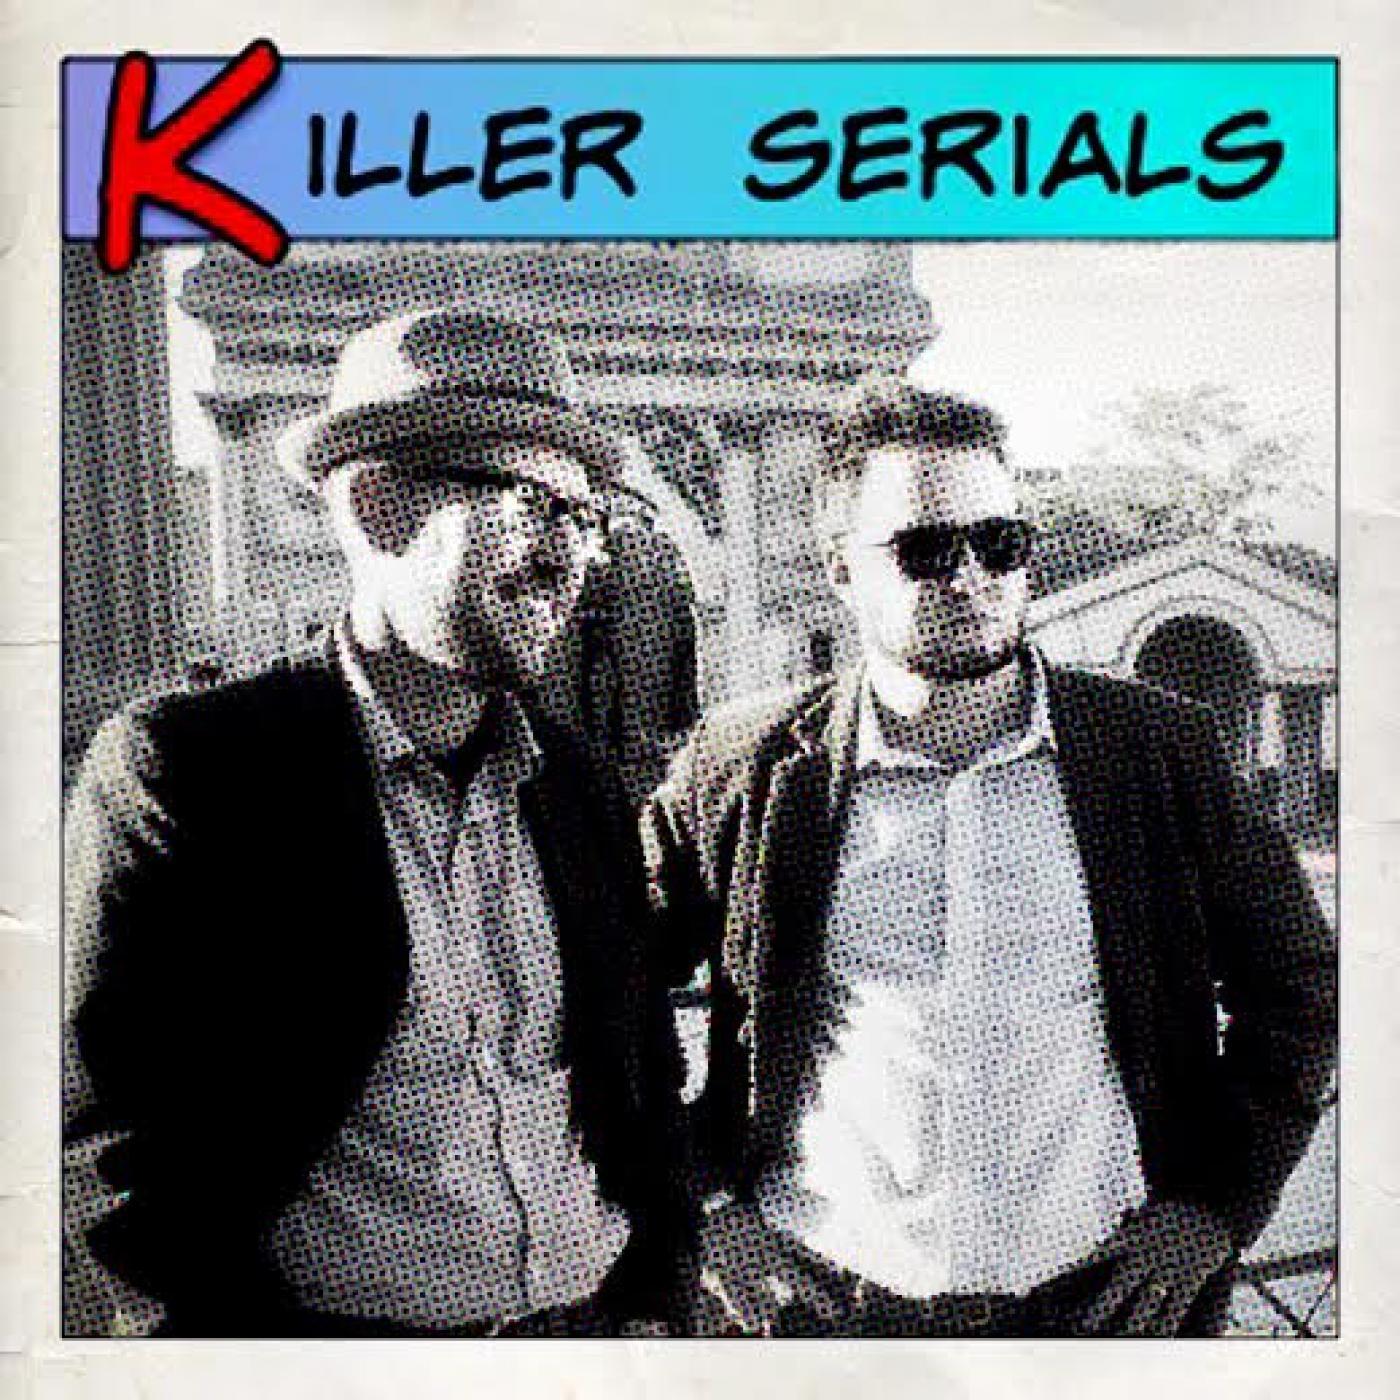 Killer Serials